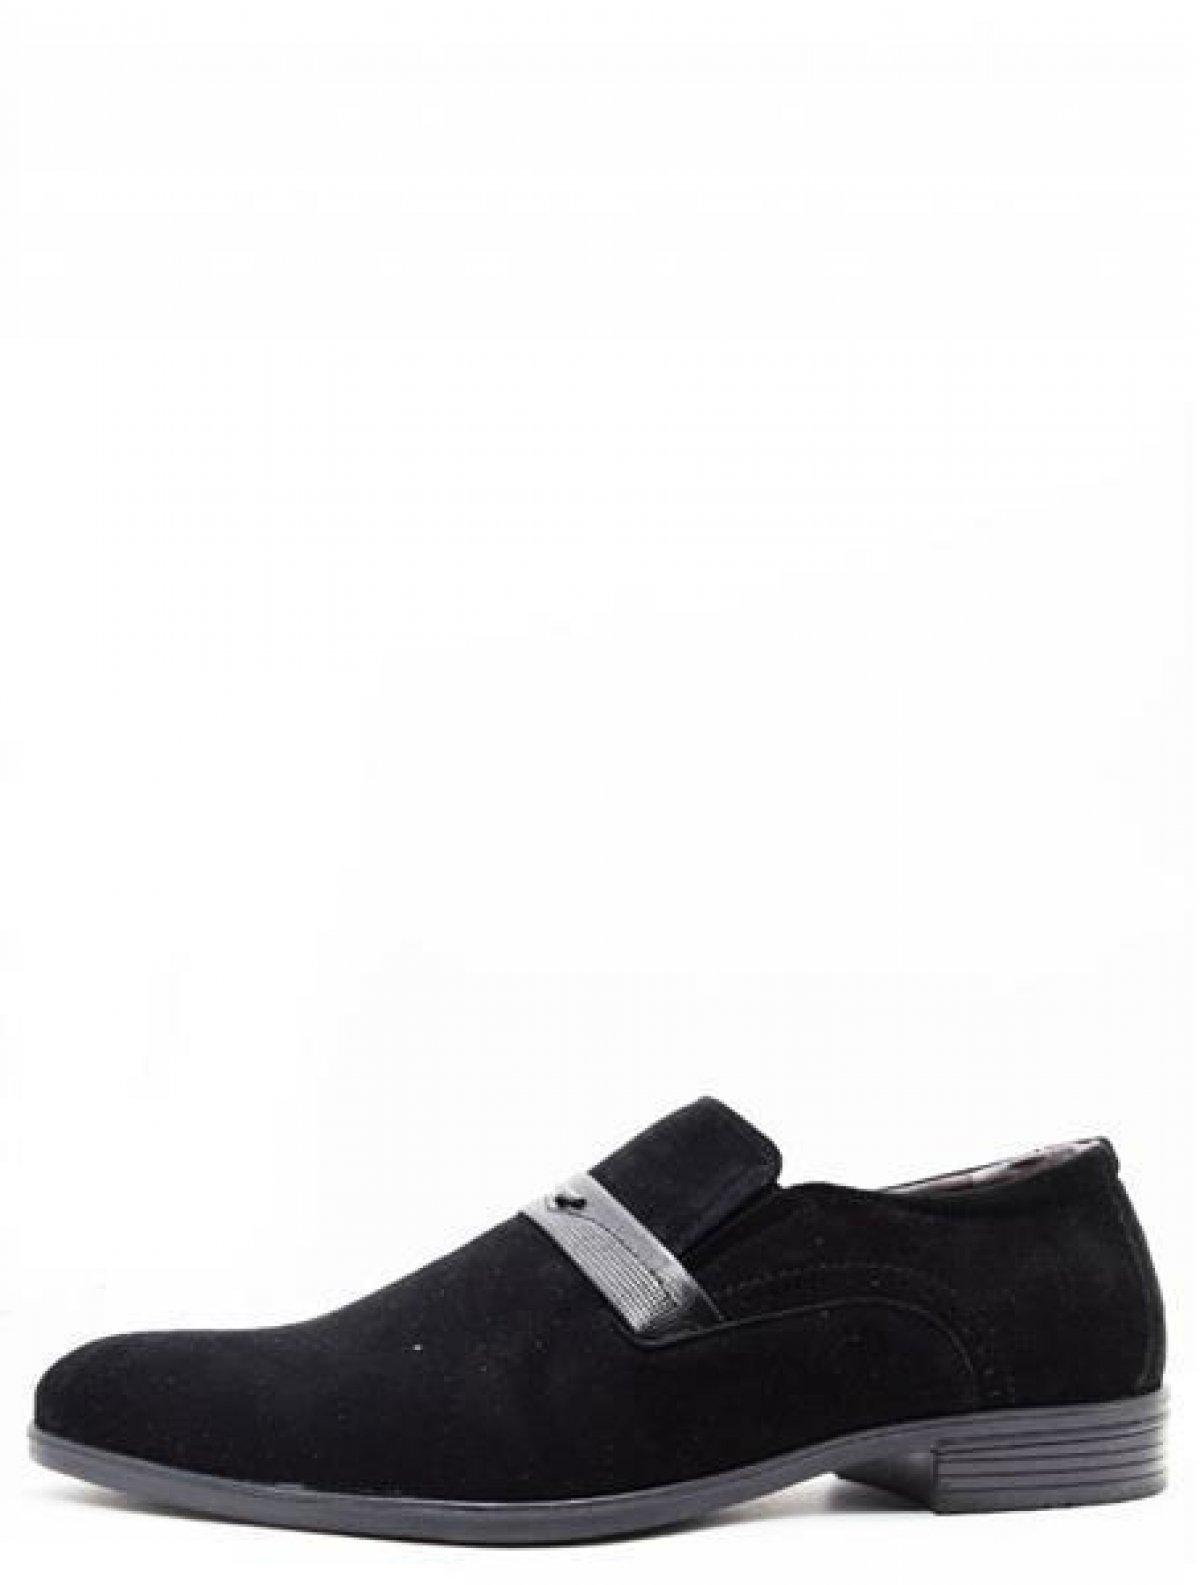 EDERRO 8448106 мужские туфли